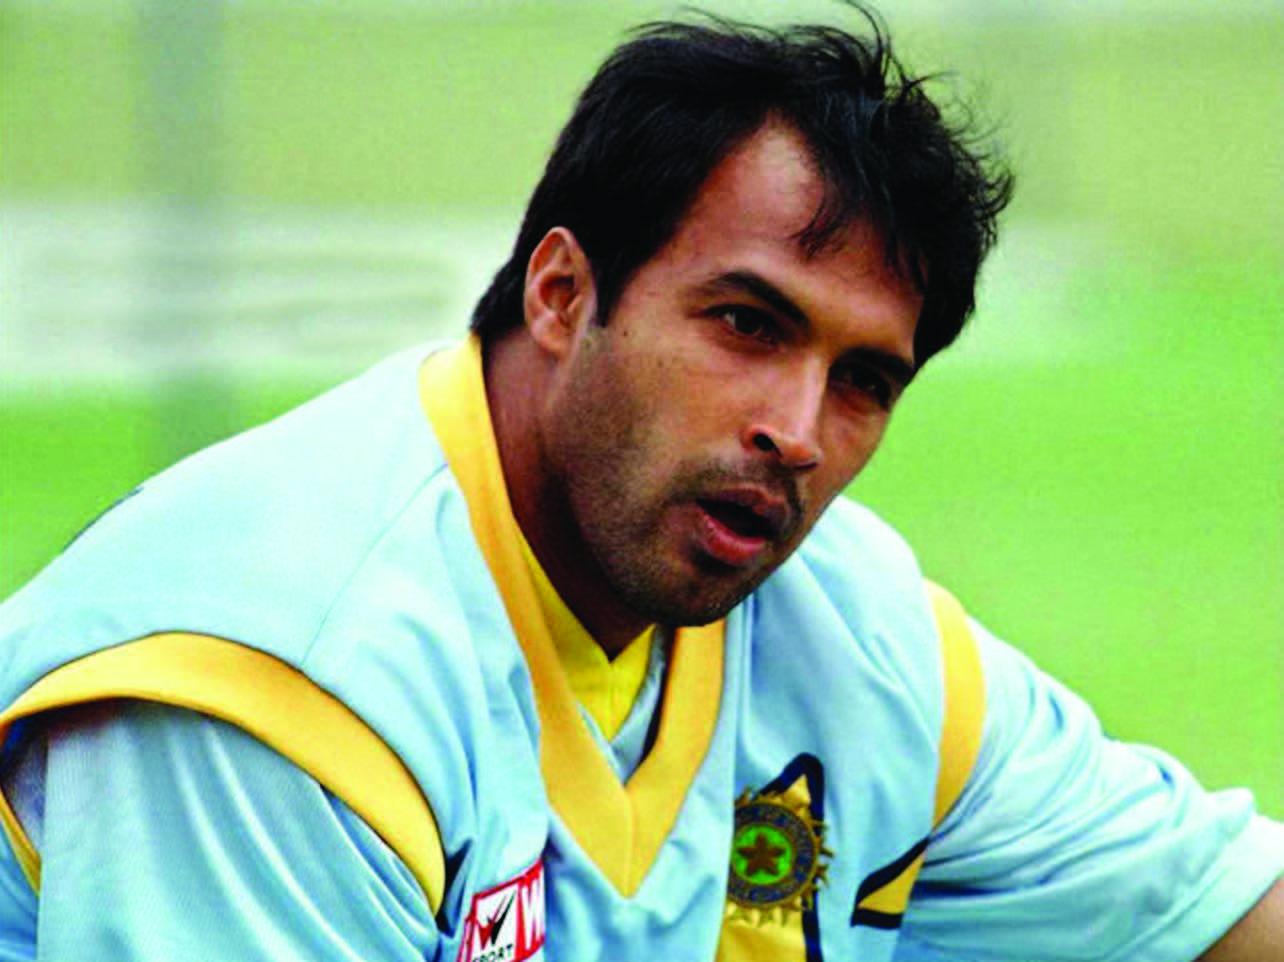 भारतीय टीम के लिए खेल चुके 6 क्रिकेटर, जिन्होंने विदेश में लिया था जन्म 55